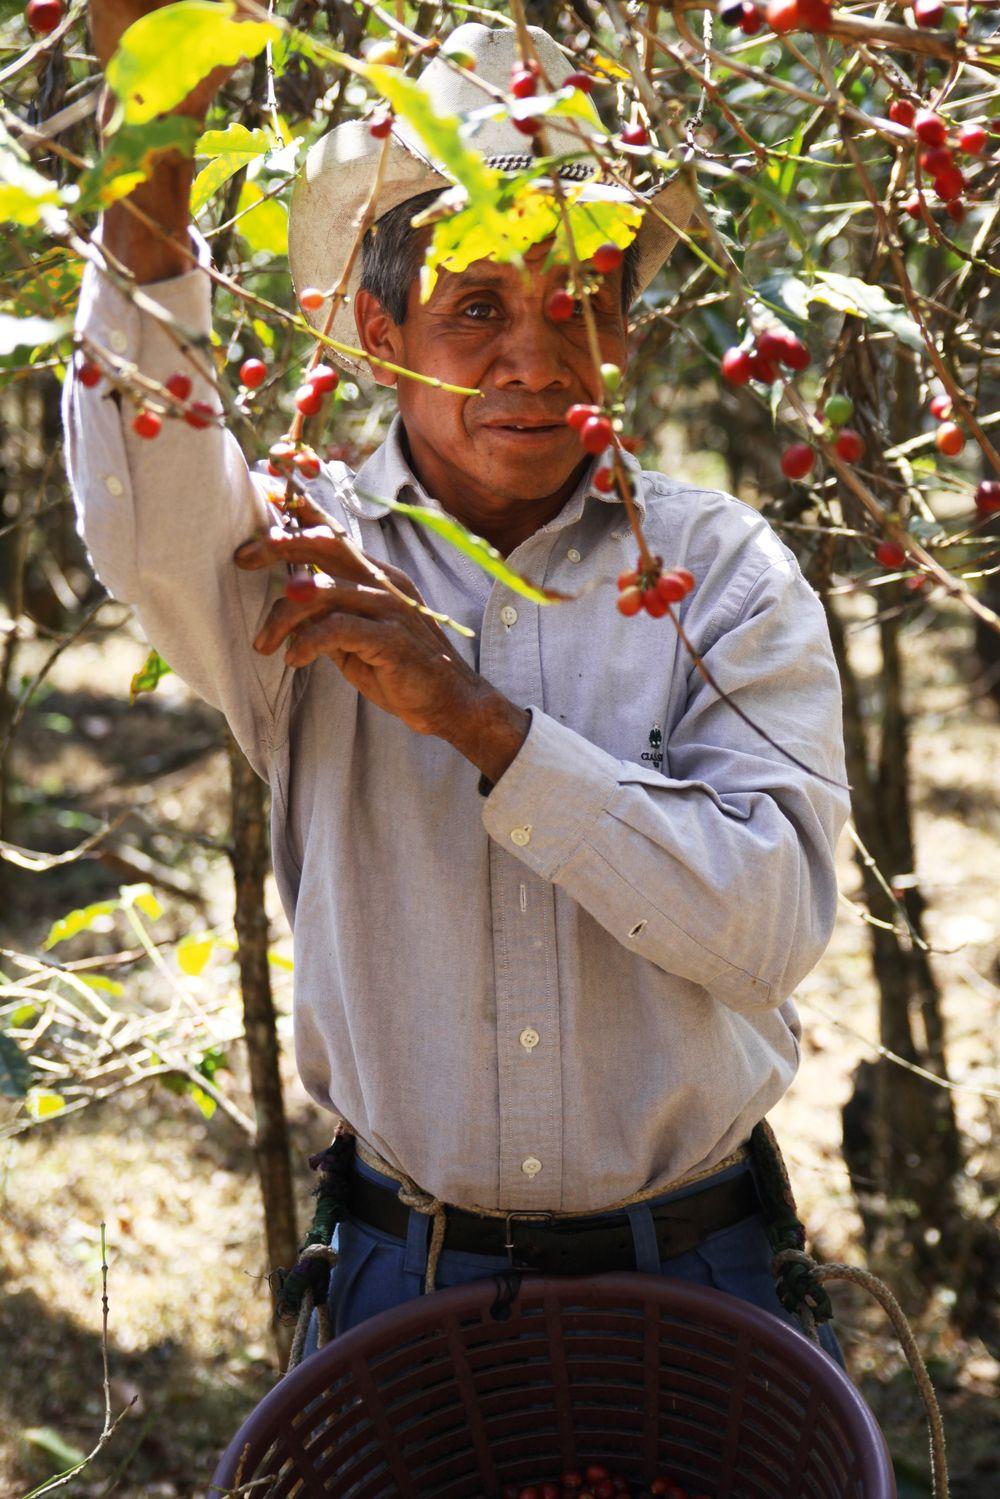 Kaffebrenneriet har kjøpt kaffe fra La Merced i Guatemala siden 2006, og farmen har vært med i CoE-konkuransne mange ganger.